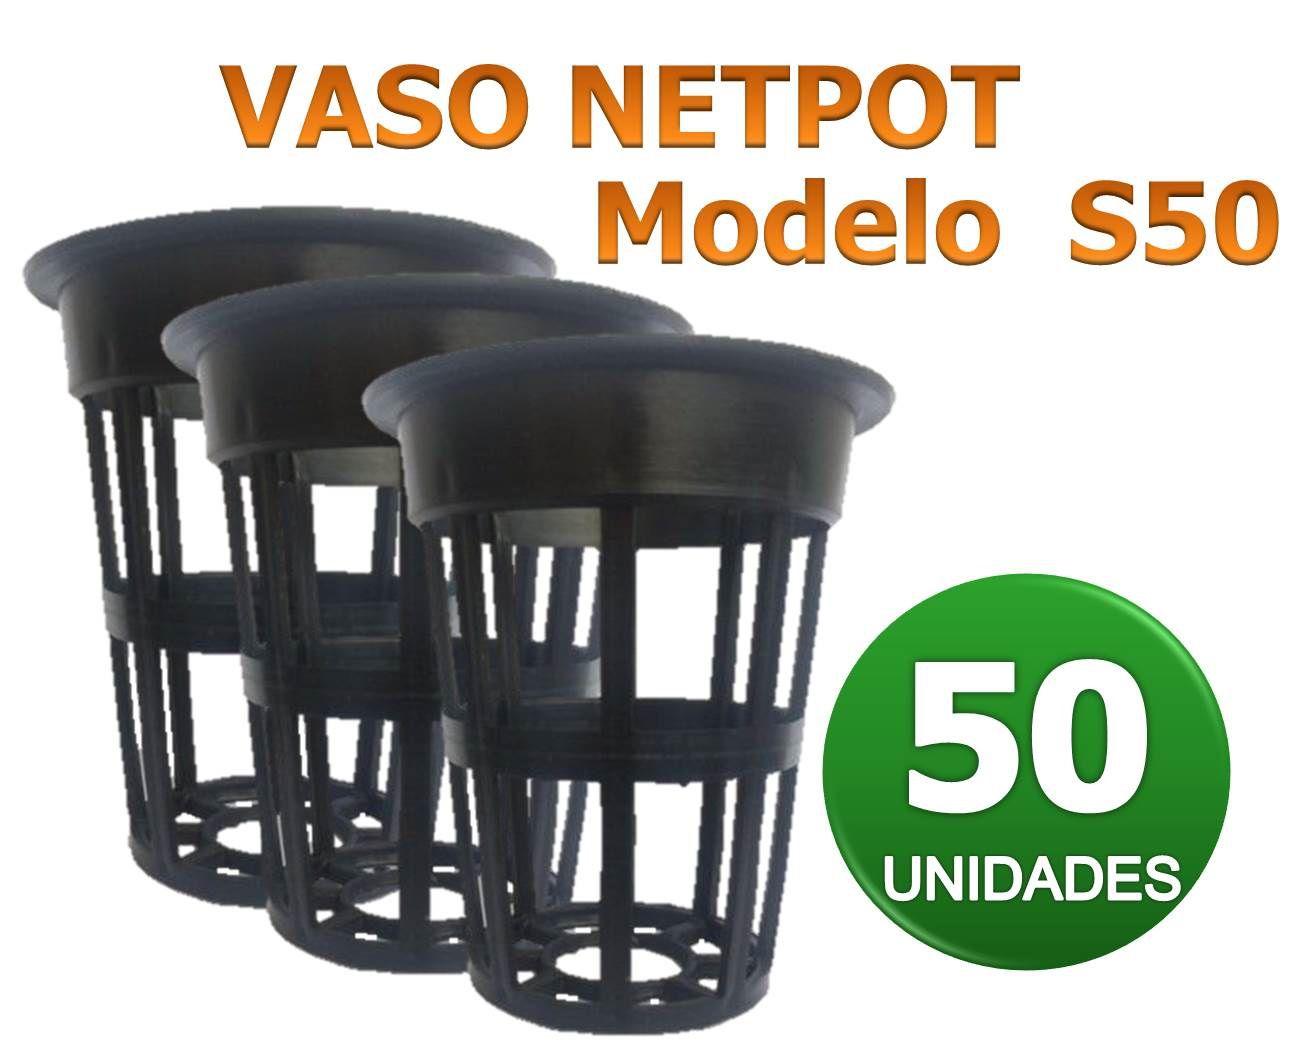 VASO NETPOT S50 - 50 UN